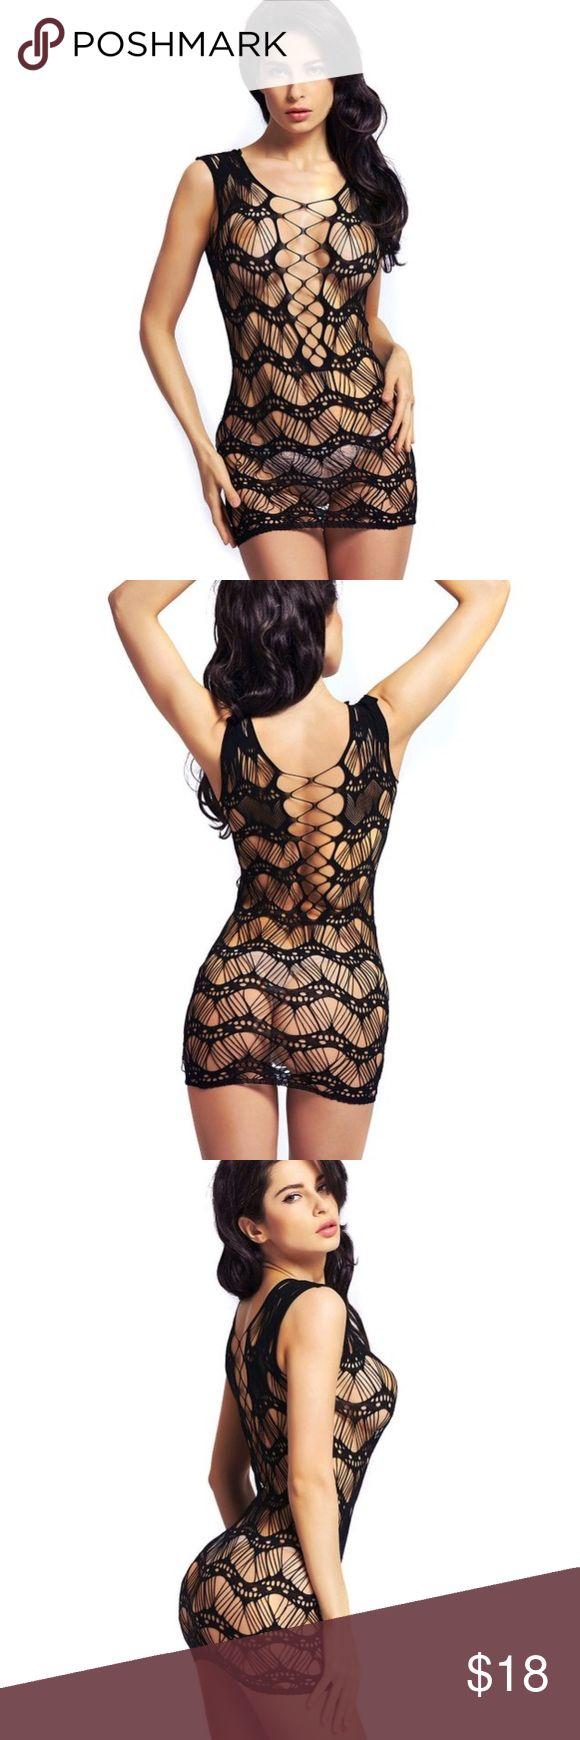 Black fishnet type dress lingerie Super hot lingerie in fishnet. One size. Mini dress style. Intimates & Sleepwear Chemises & Slips